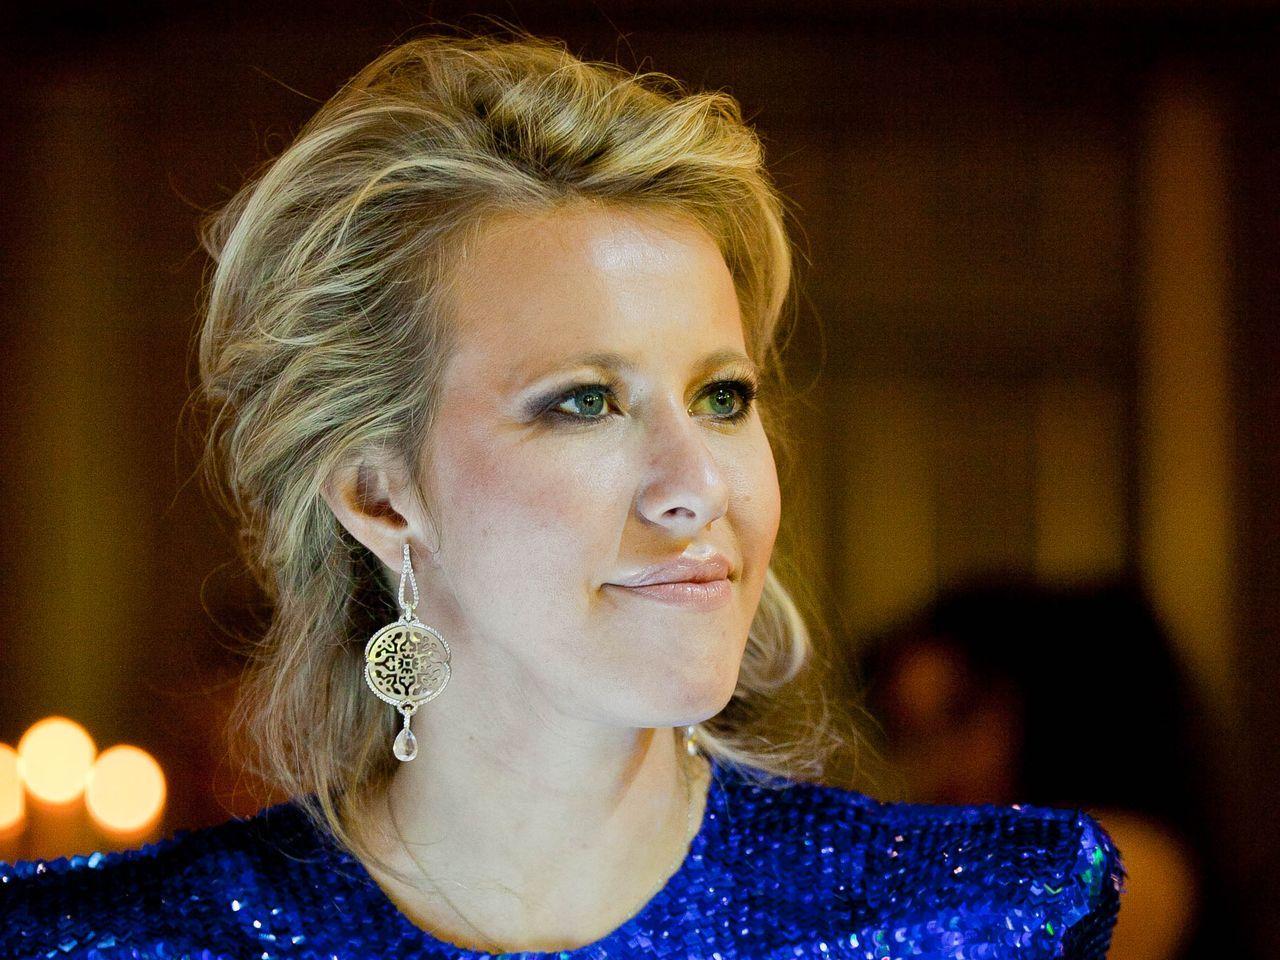 Ксения Собчак в полупрозрачном платье показала бюст (ФОТО)